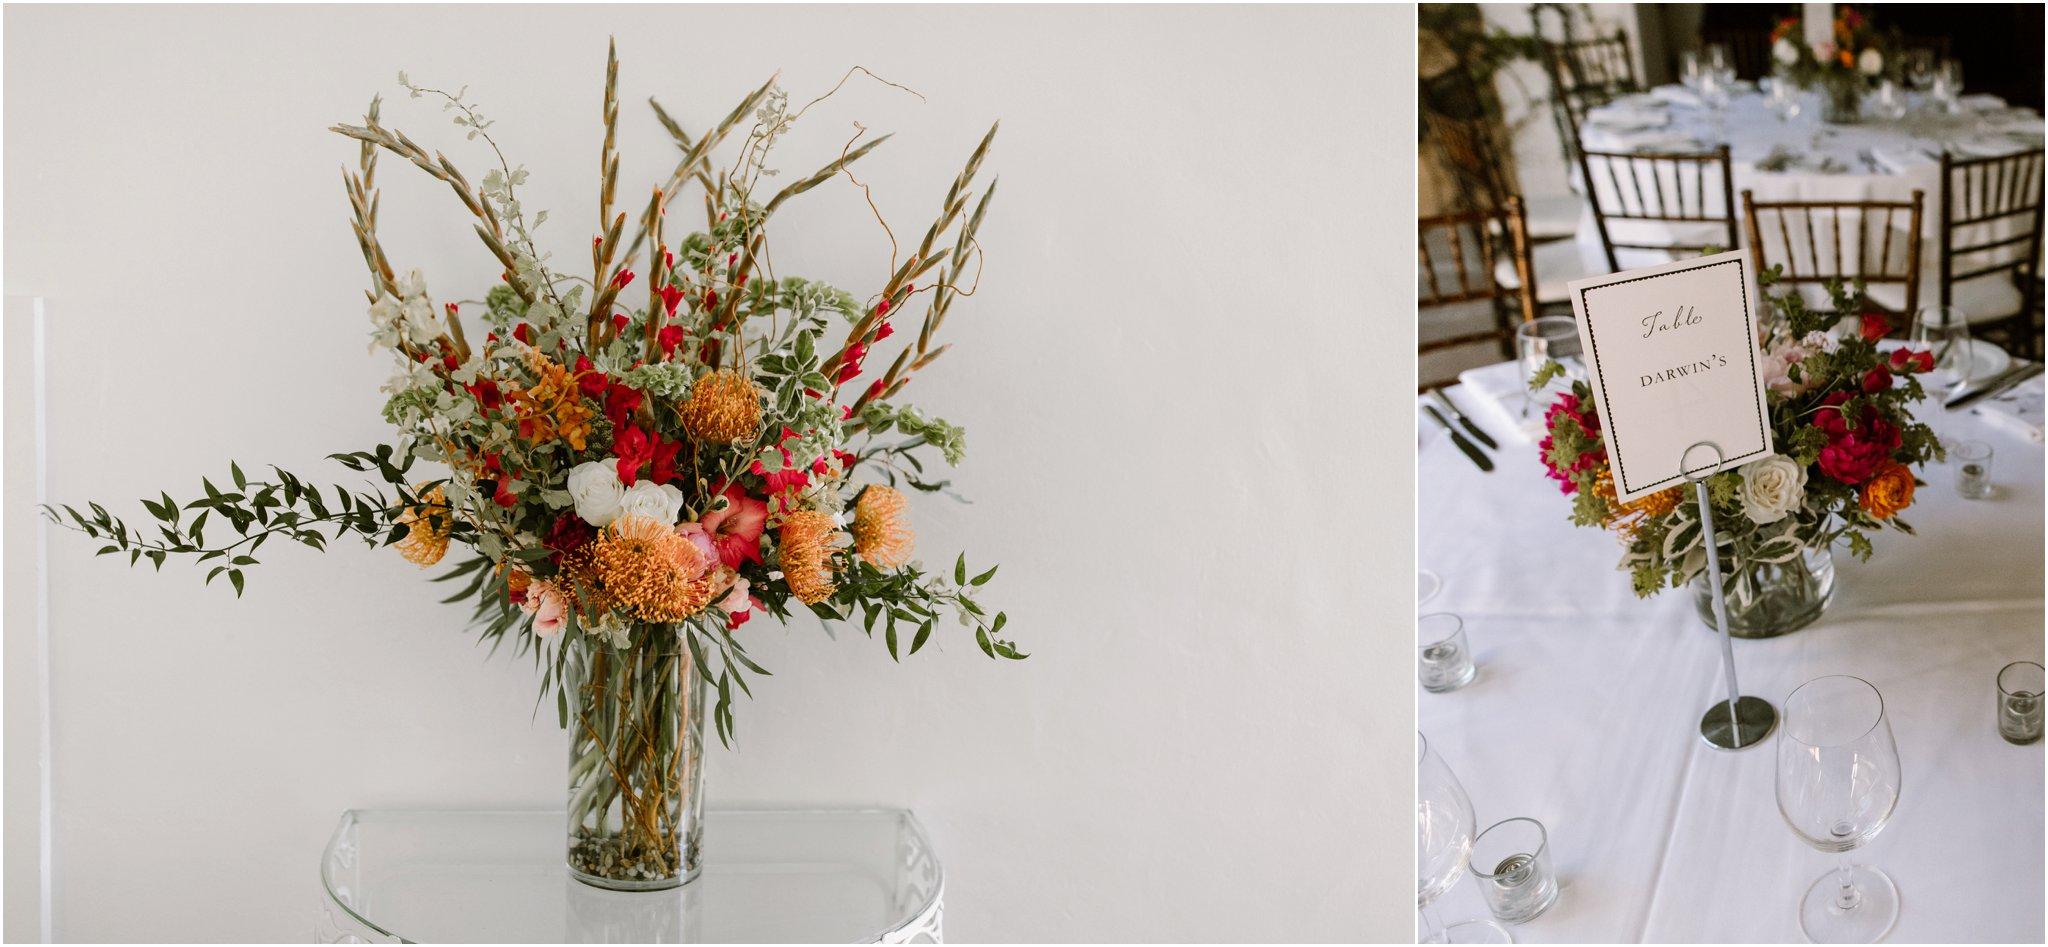 0237Los Poblanos Weddings Blue Rose Photography Studios